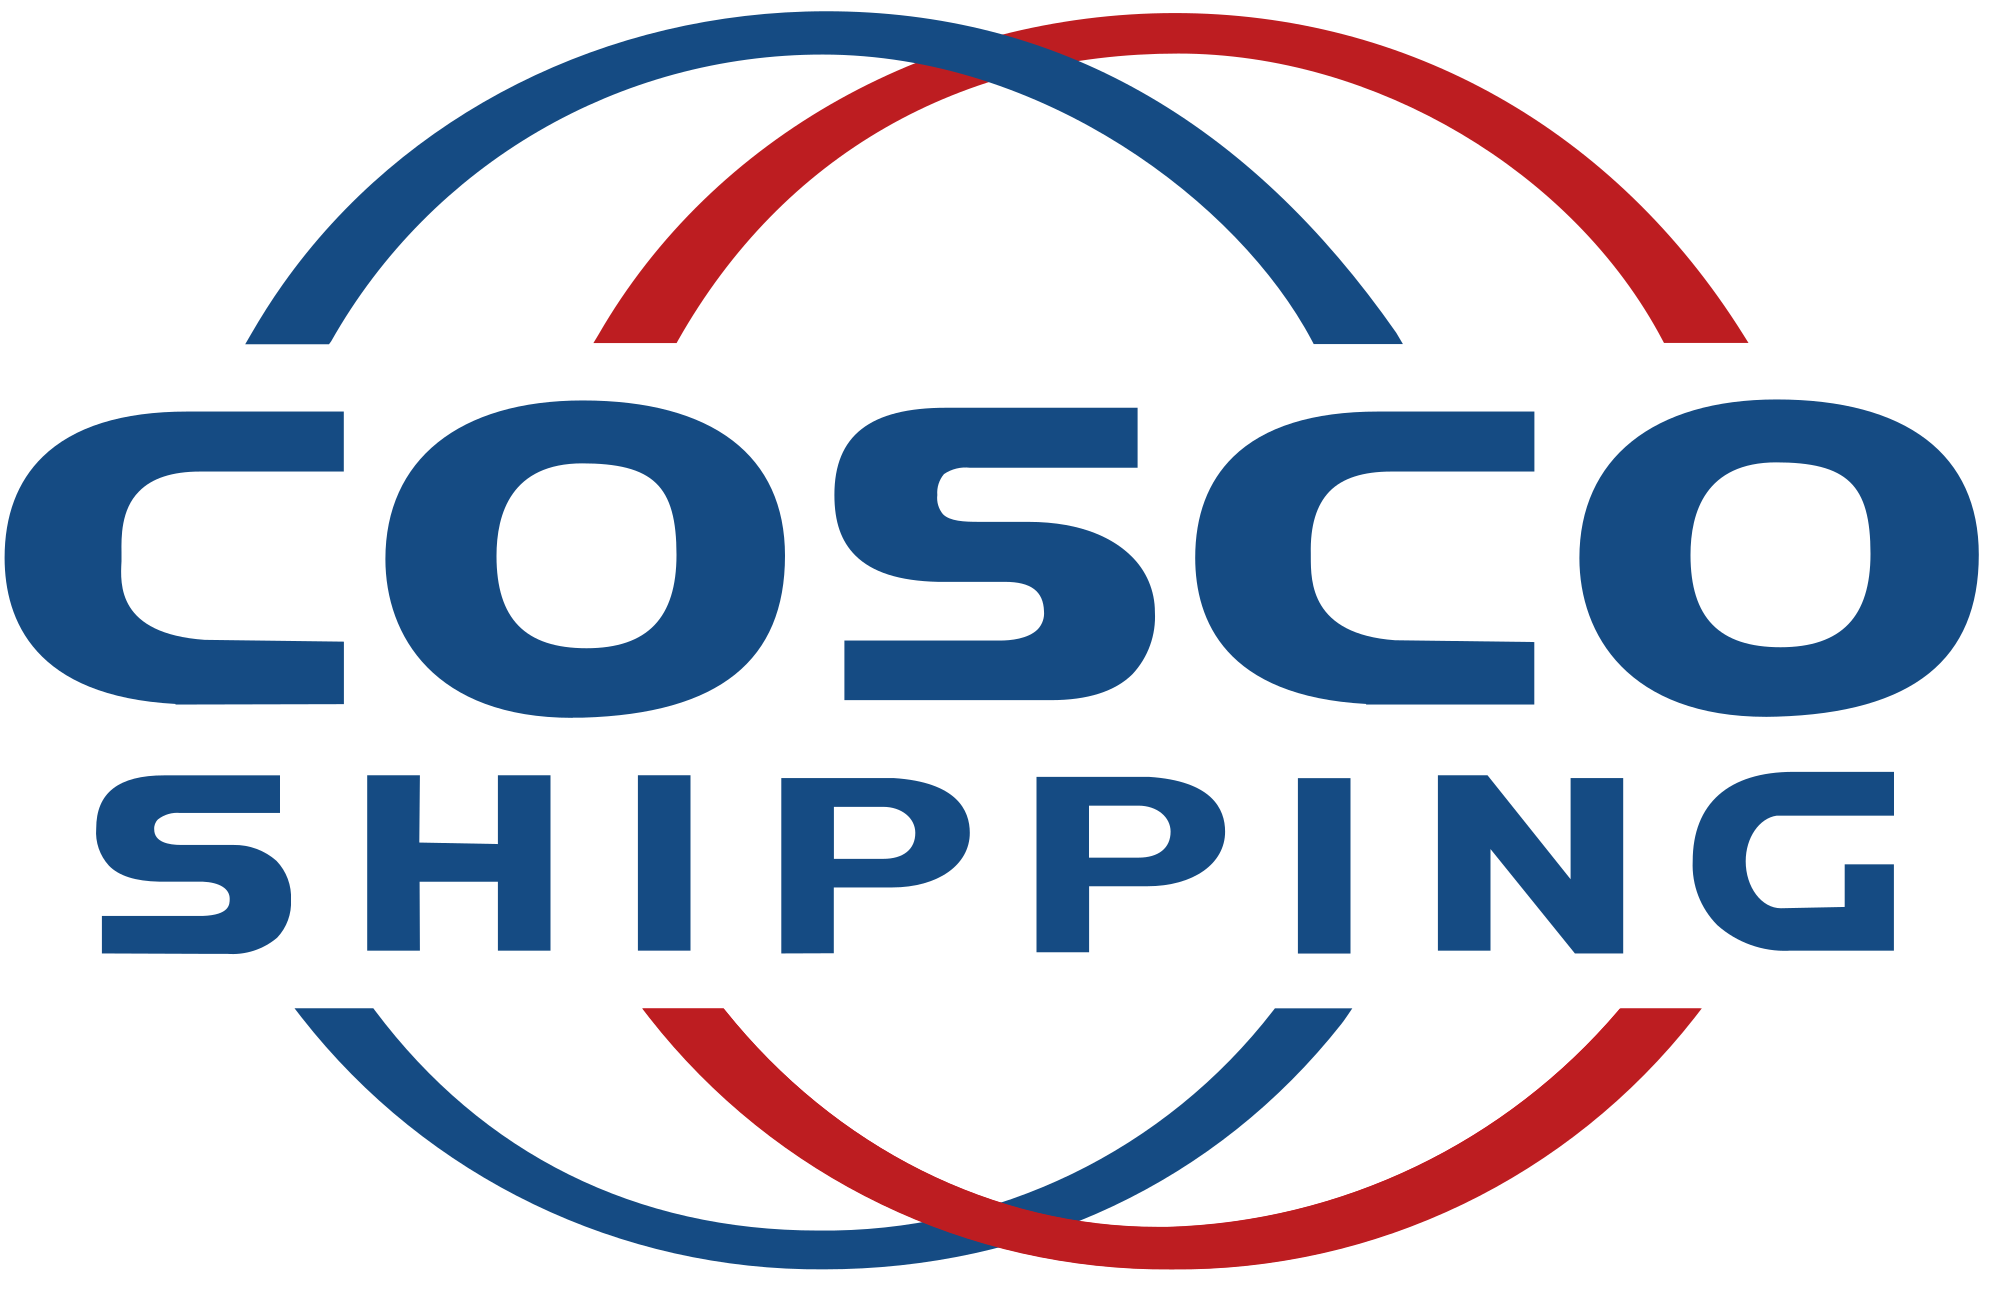 코스코쉬핑한국(주)